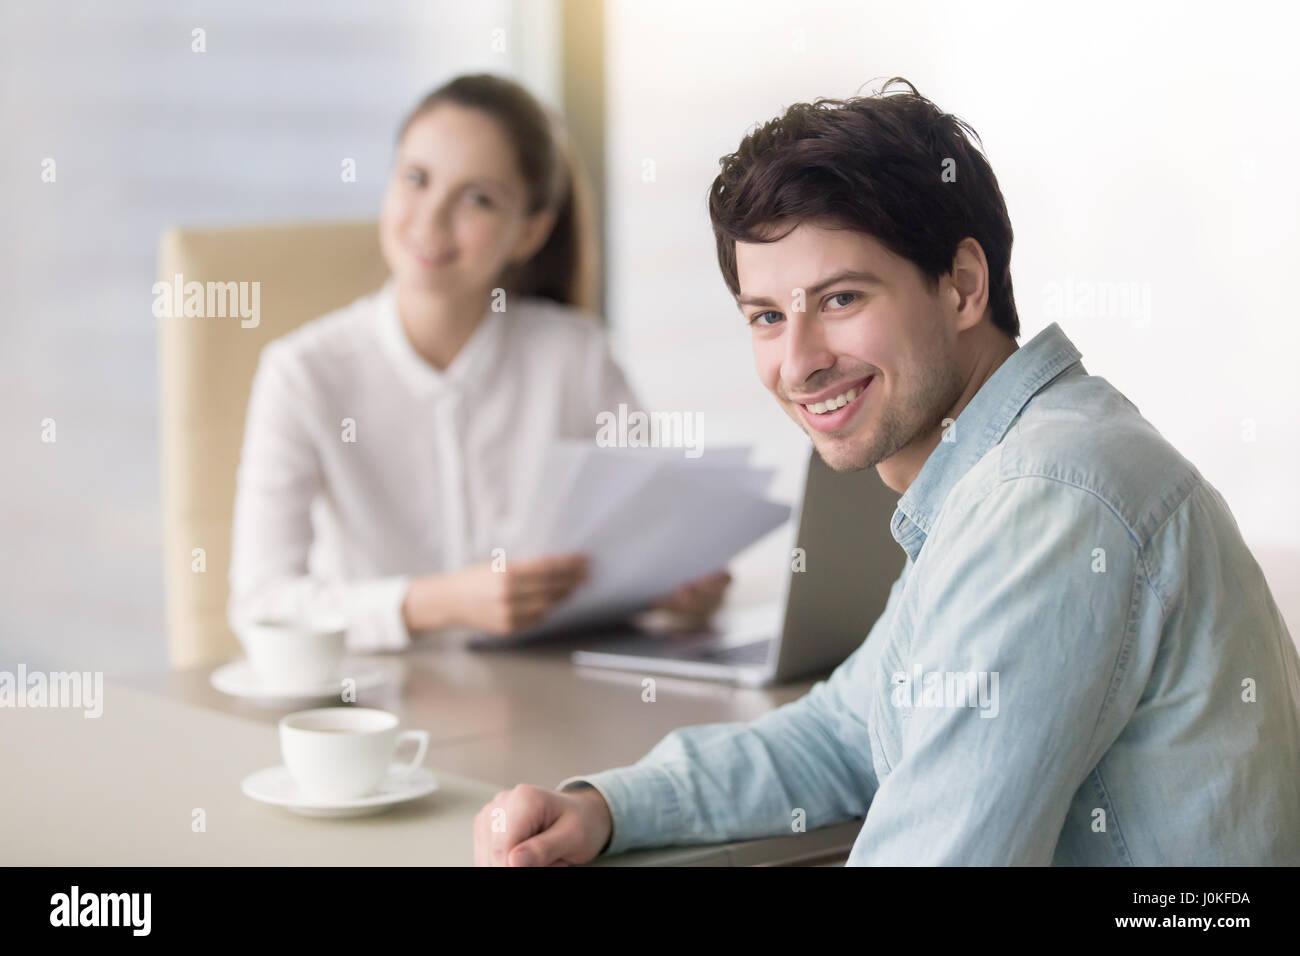 Heureux jeune homme satisfait avec succès des entrevues avec des femmes Photo Stock